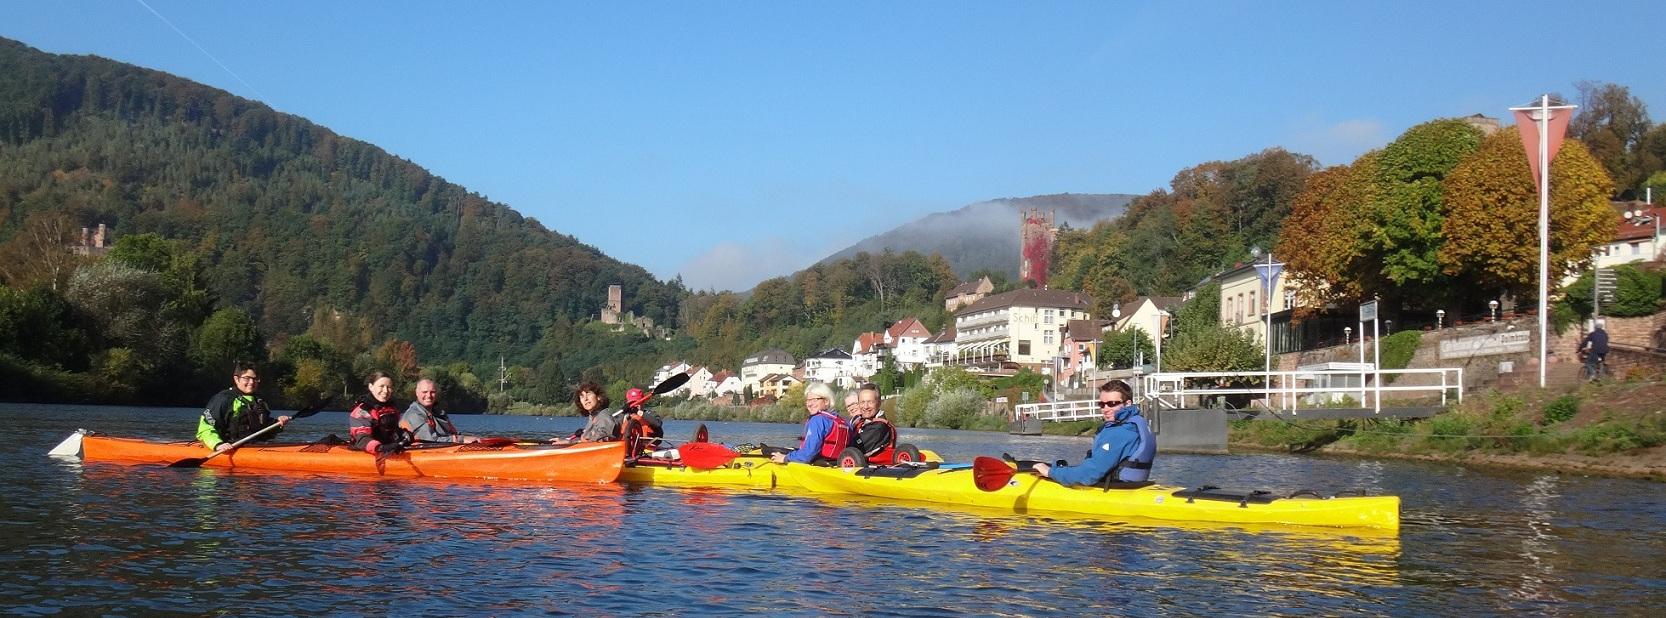 Kanusport auf dem Neckar